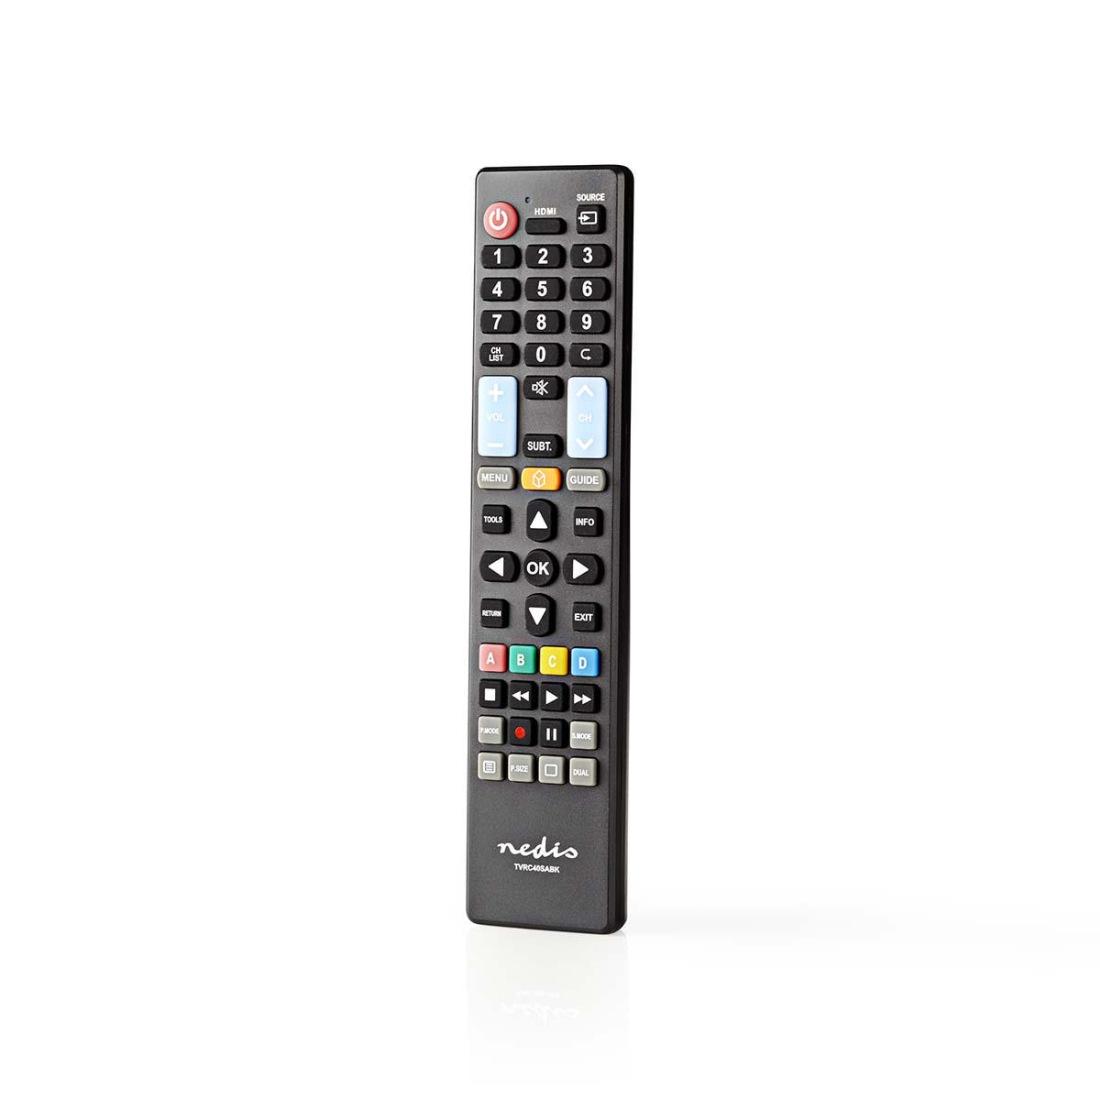 Nedis TVRC40SABK - Náhradní Dálkový Ovladač | Samsung TV | Připraveno k Použití